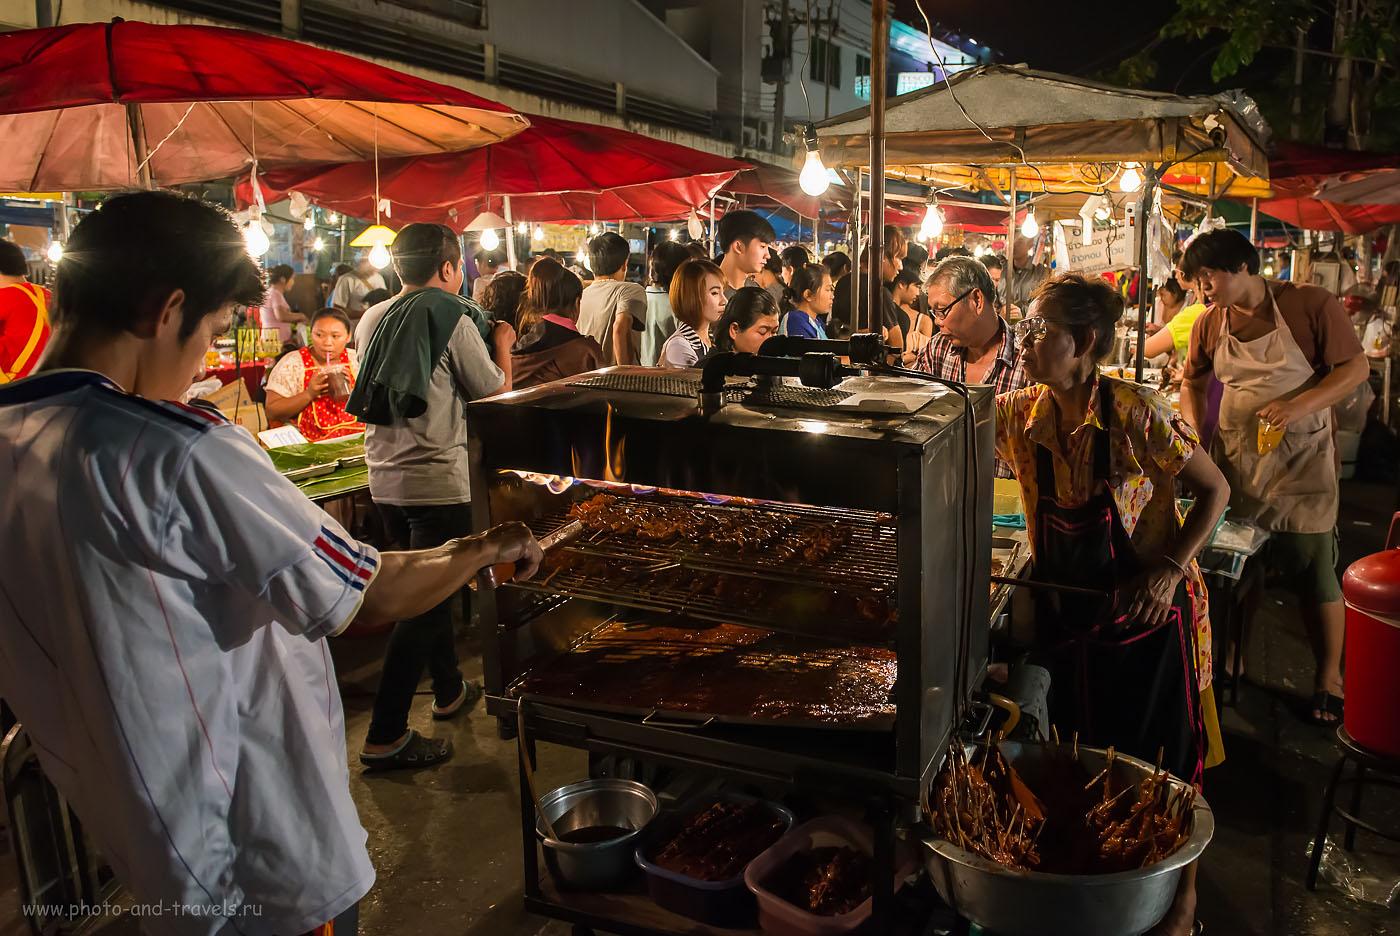 Фото 3. С пылу, с жару! Ночной рынок в городе Пхитсанулок. Отзывы туристов о самостоятельном отдыхе в Таиланде. (Выдержка 1/200 секунды)